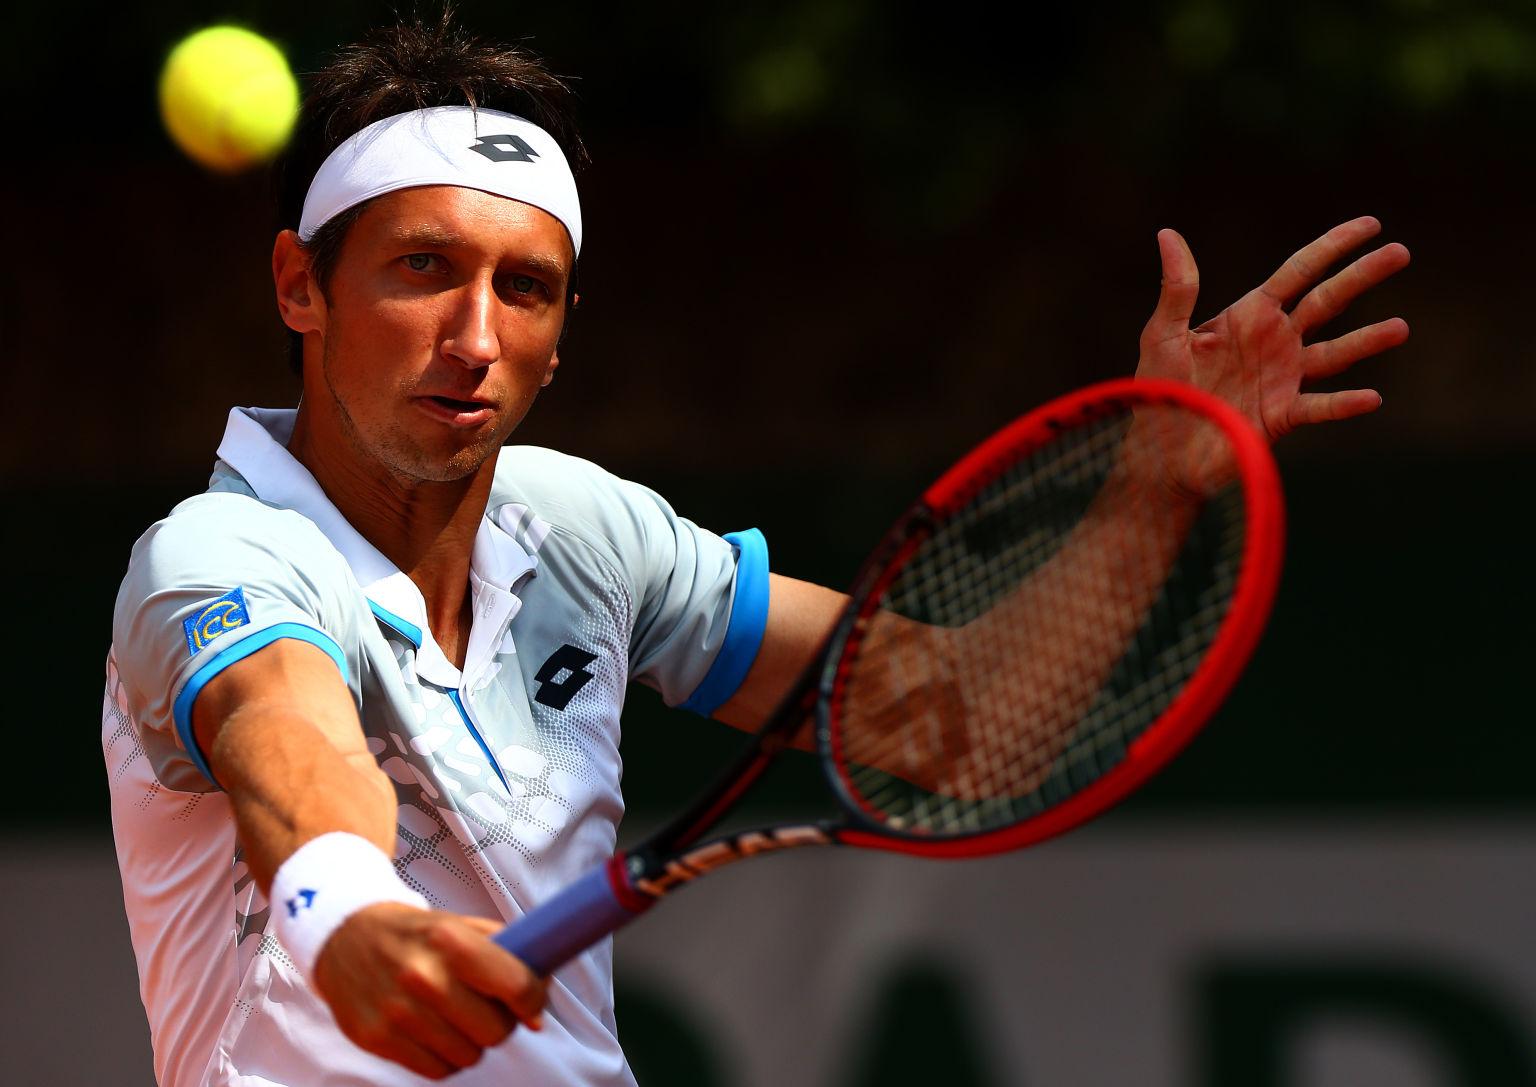 Seinen größten Erfolg feierte Stakhovsky ebenfalls auf Rasen, als er Roger Federer 2013 in der zweiten Runde von Wimbledon besiegen konnte.